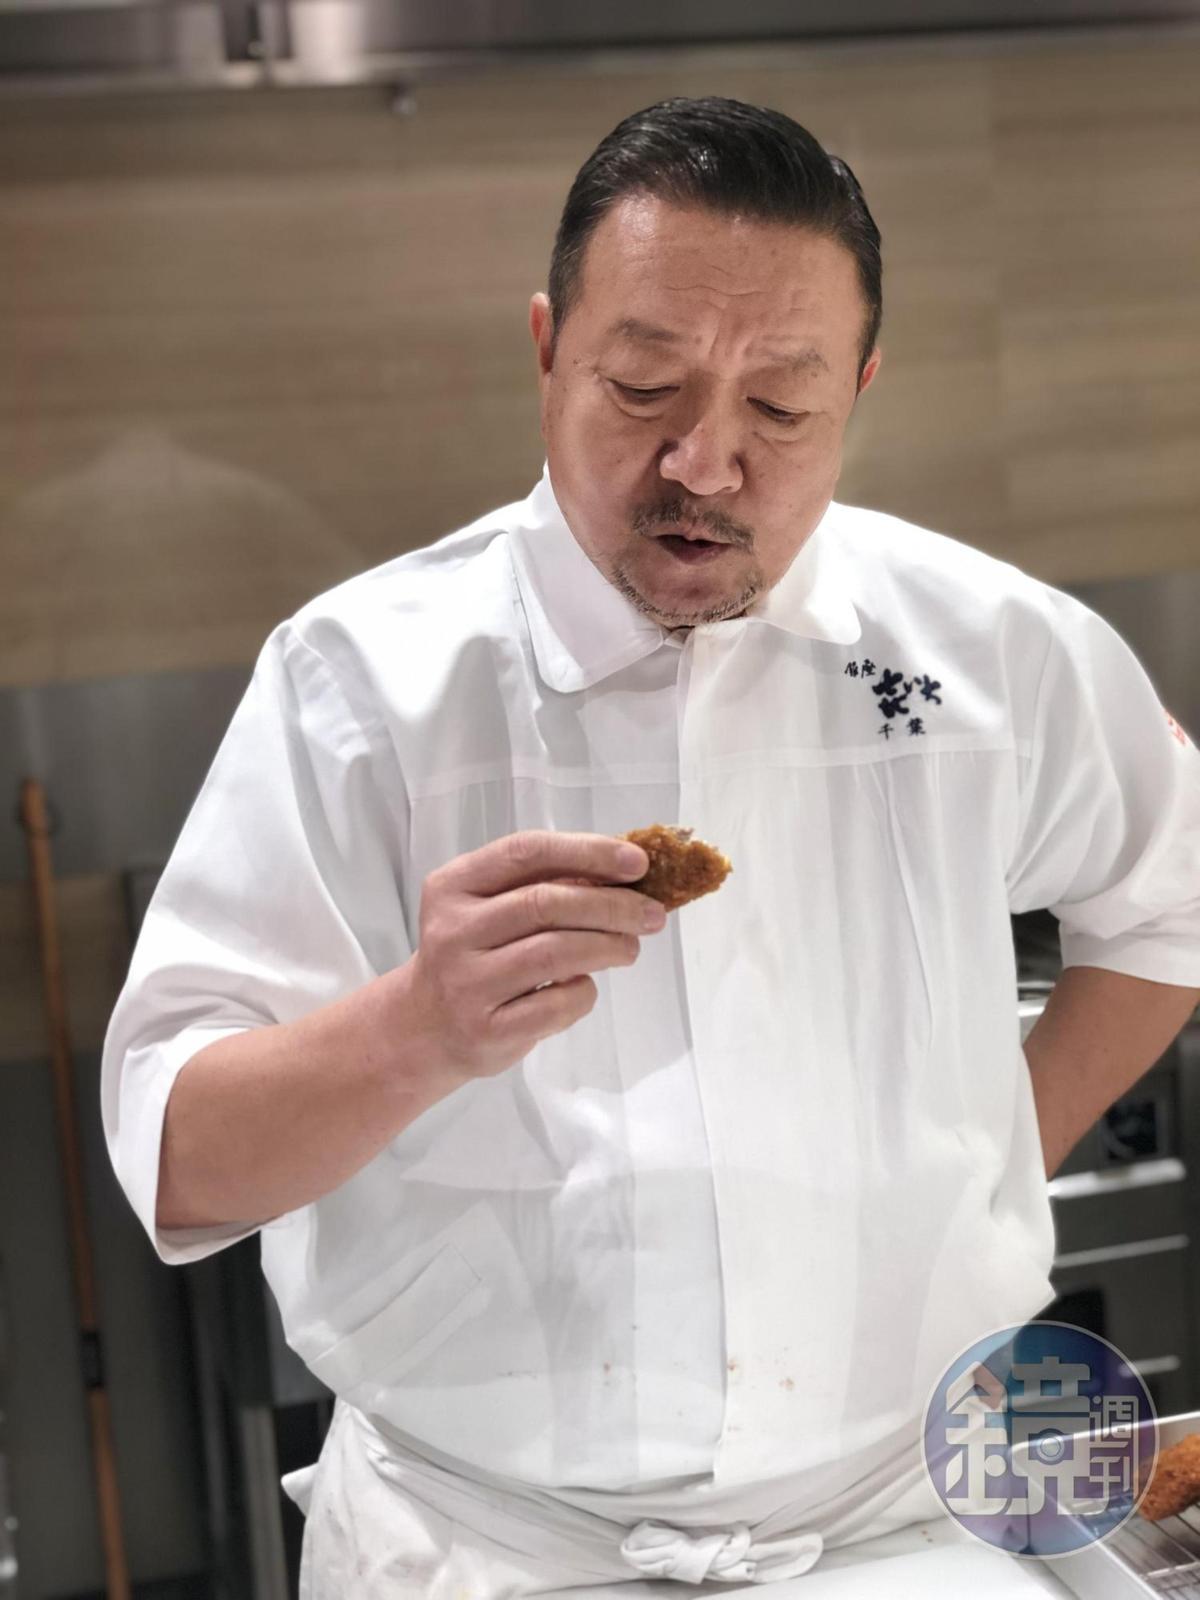 千葉憲二品嚐名氣餅,忍不住大讚好吃。